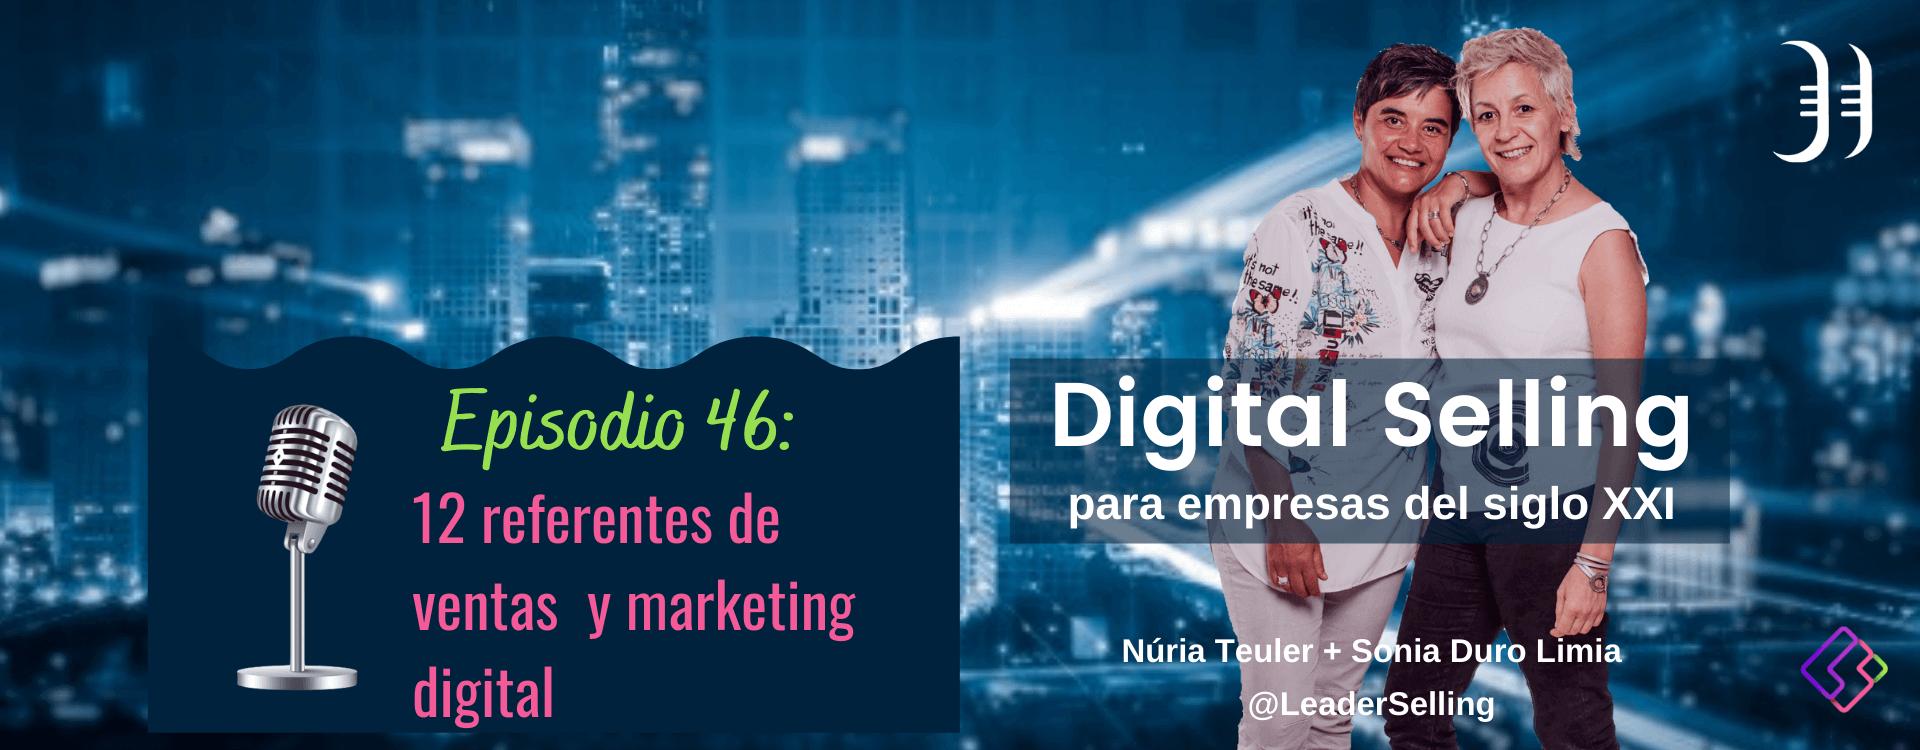 Episodio 46: Los 12 referentes de ventas y marketing digital